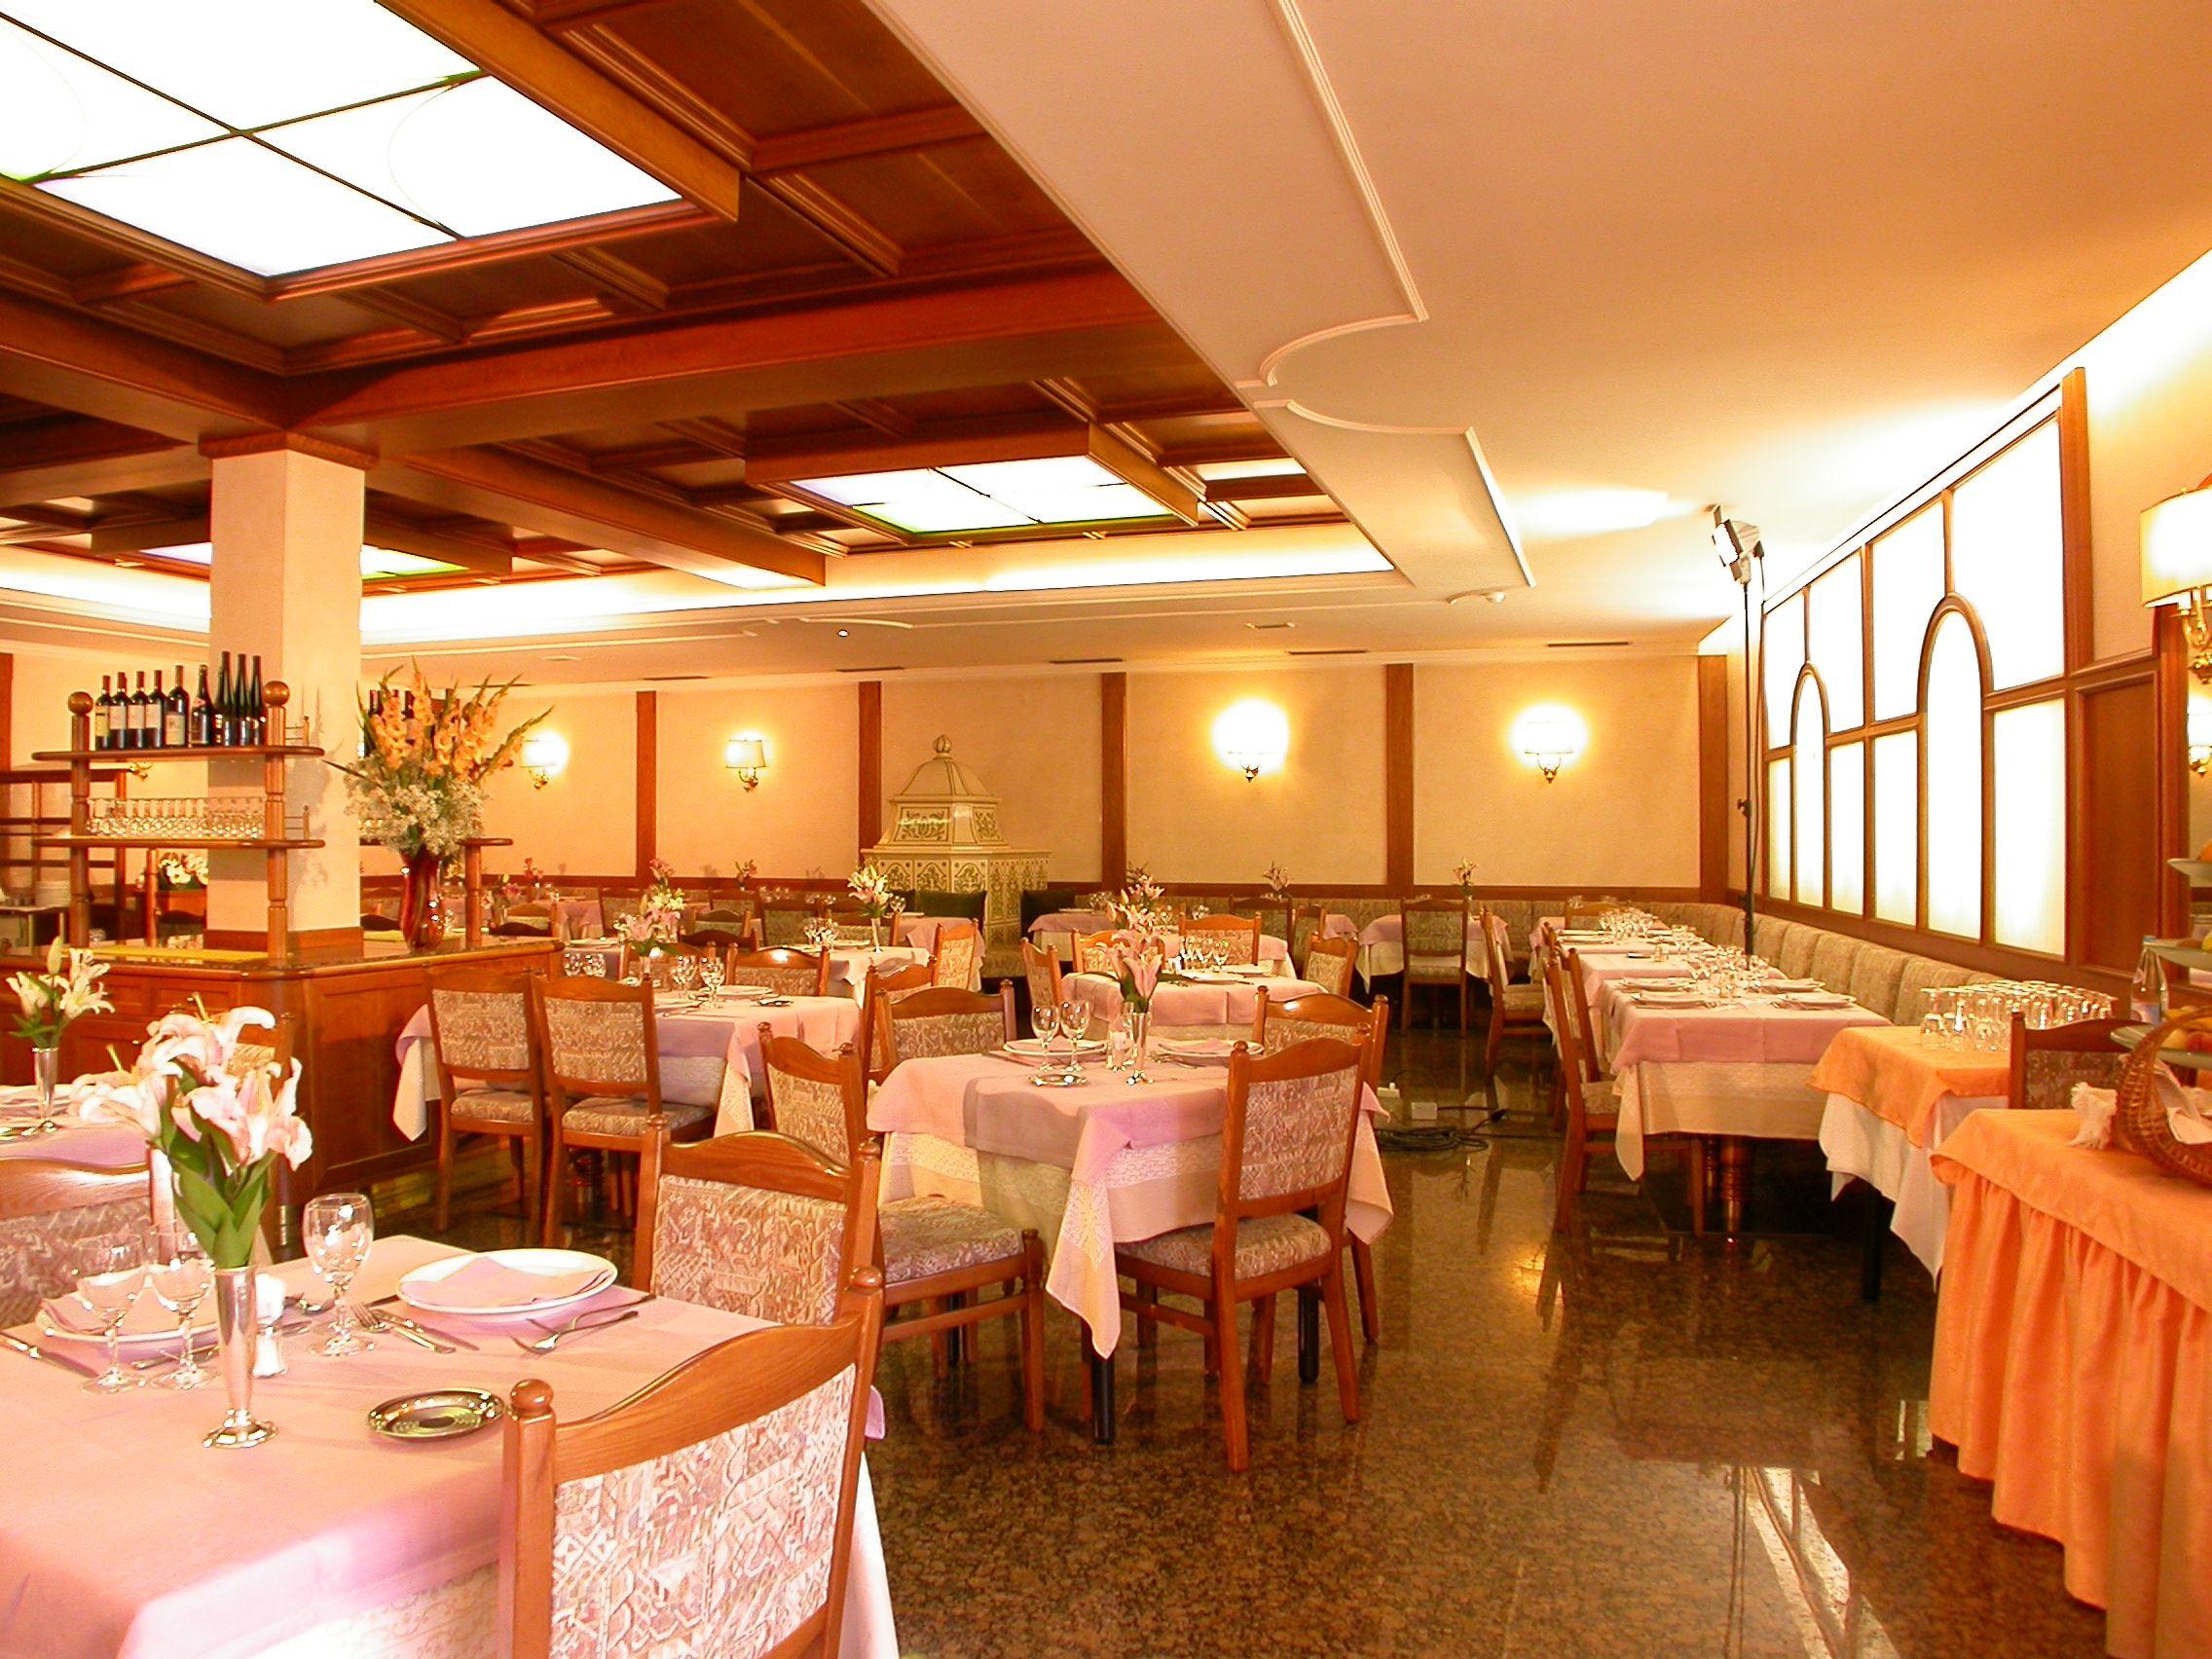 La sala ristorante luminosa e spaziosa per il massimo confort